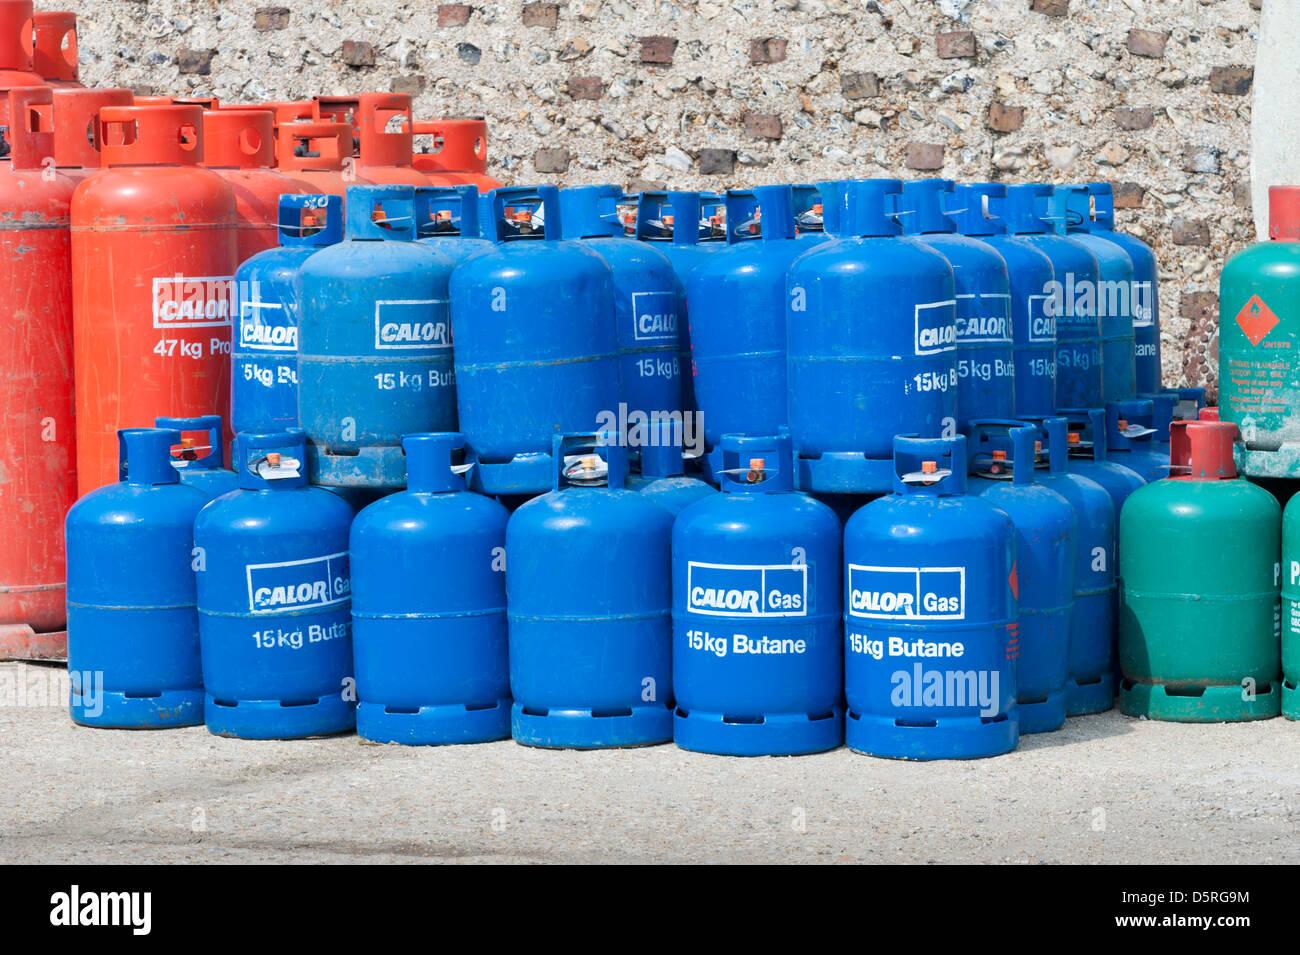 Pilas de rojo, verde y azul, calor gas butano y propano cilindros / Latas / botellas Imagen De Stock